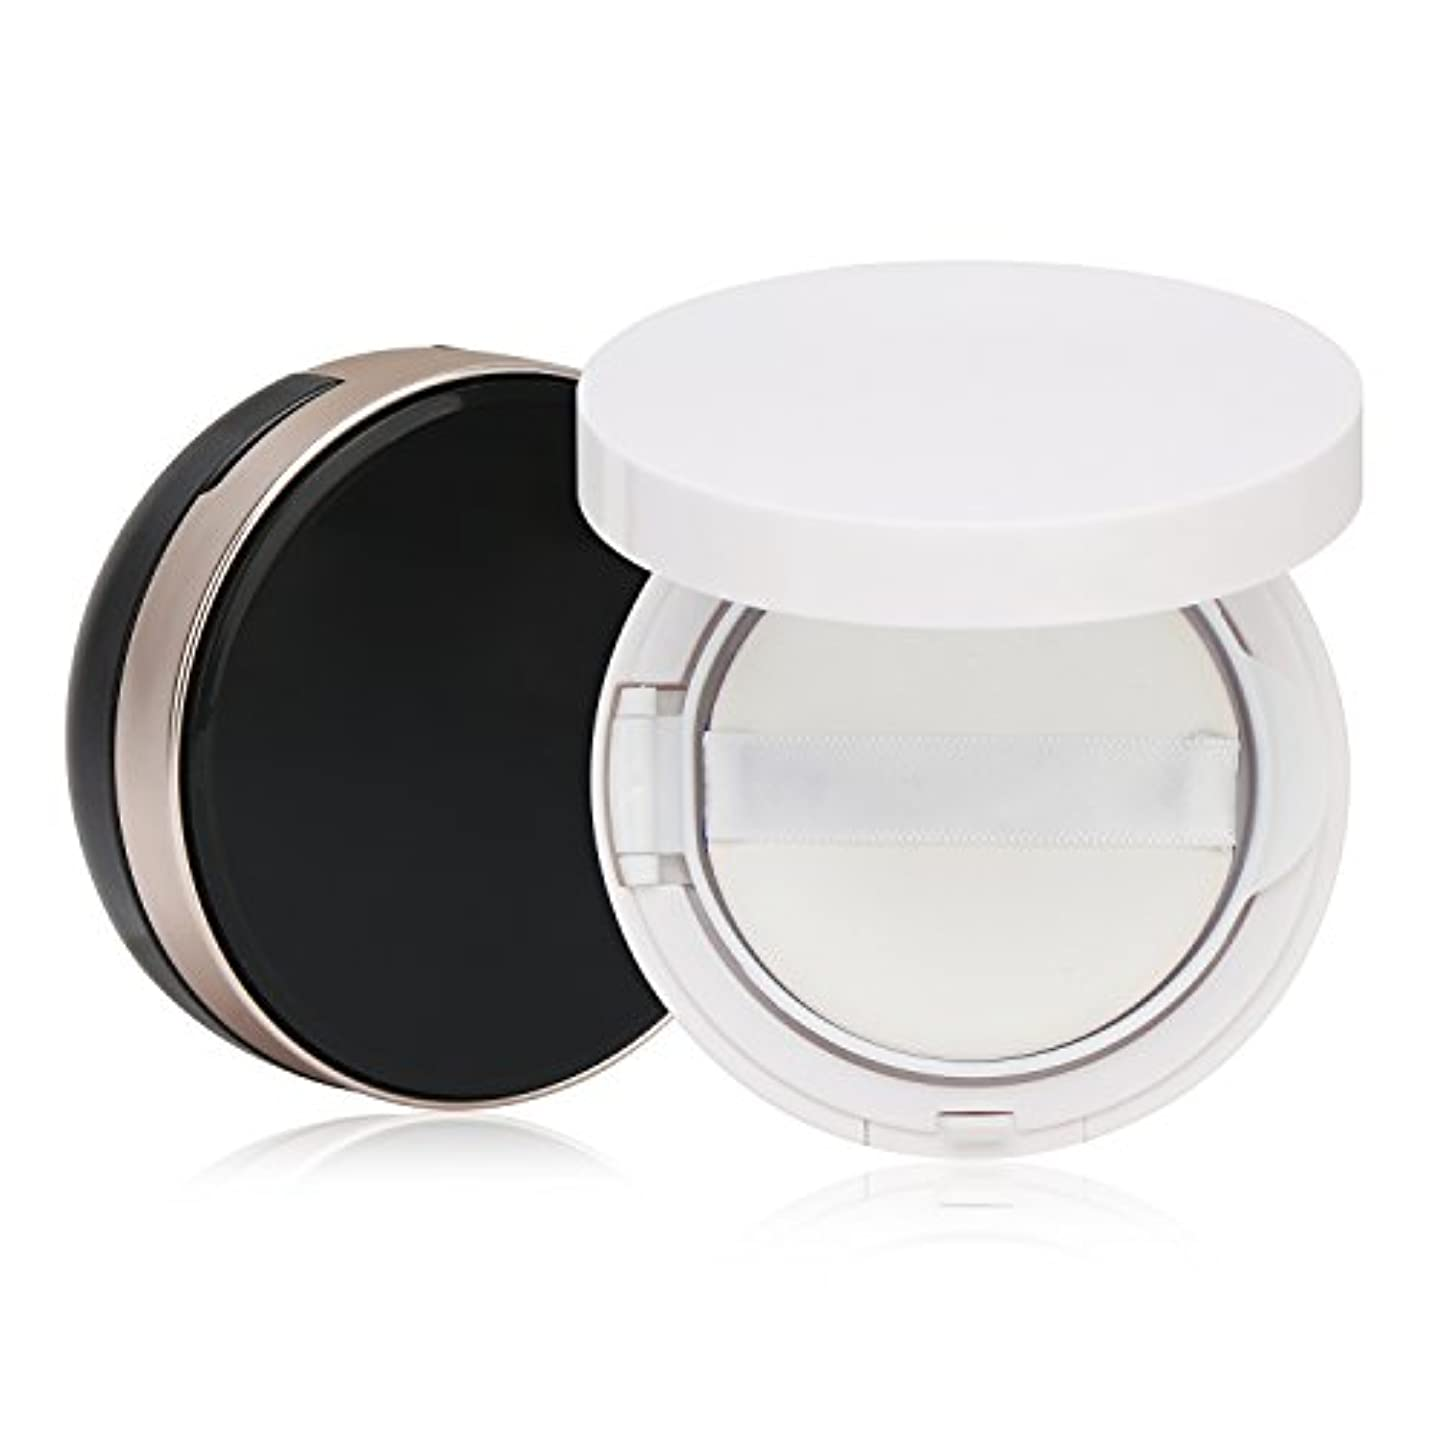 Segbeauty エアクッションボックス パウダーコンテナ BBクリーム 化粧品 詰替え DIY 黒いと白いのセット